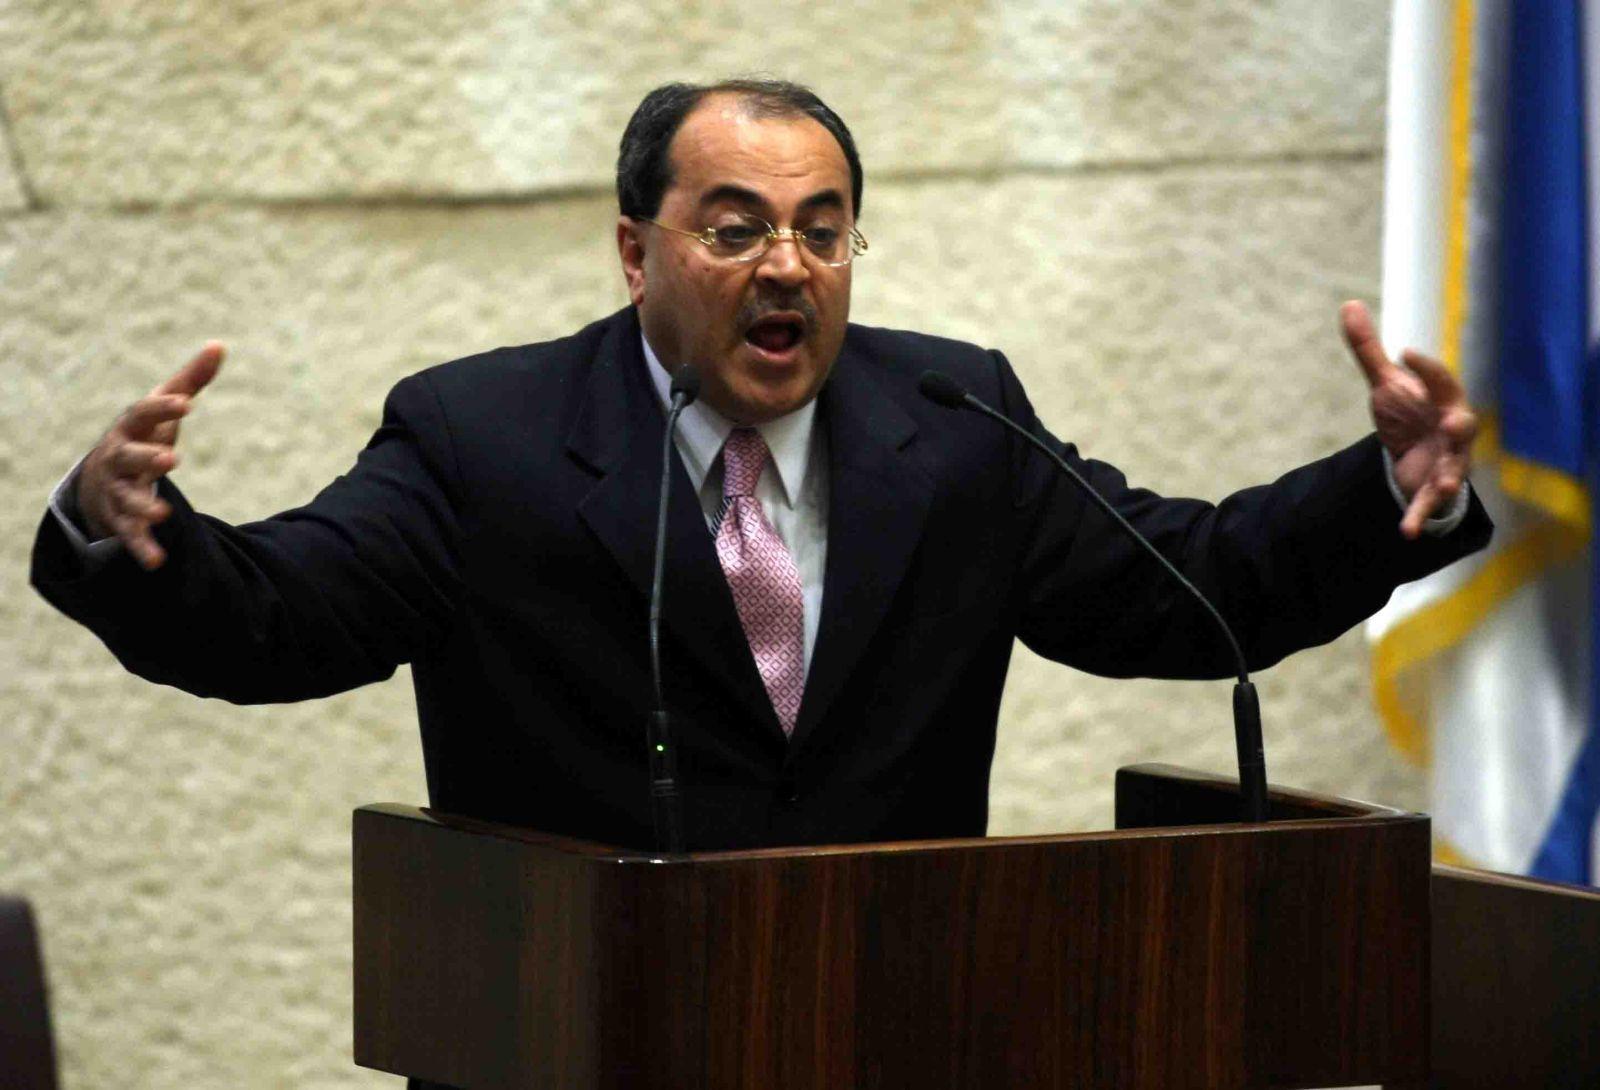 أحمد الطيبي: تأثير محدود للقائمة العربية بالكنيست رغم وجودها كقوة ثالثة